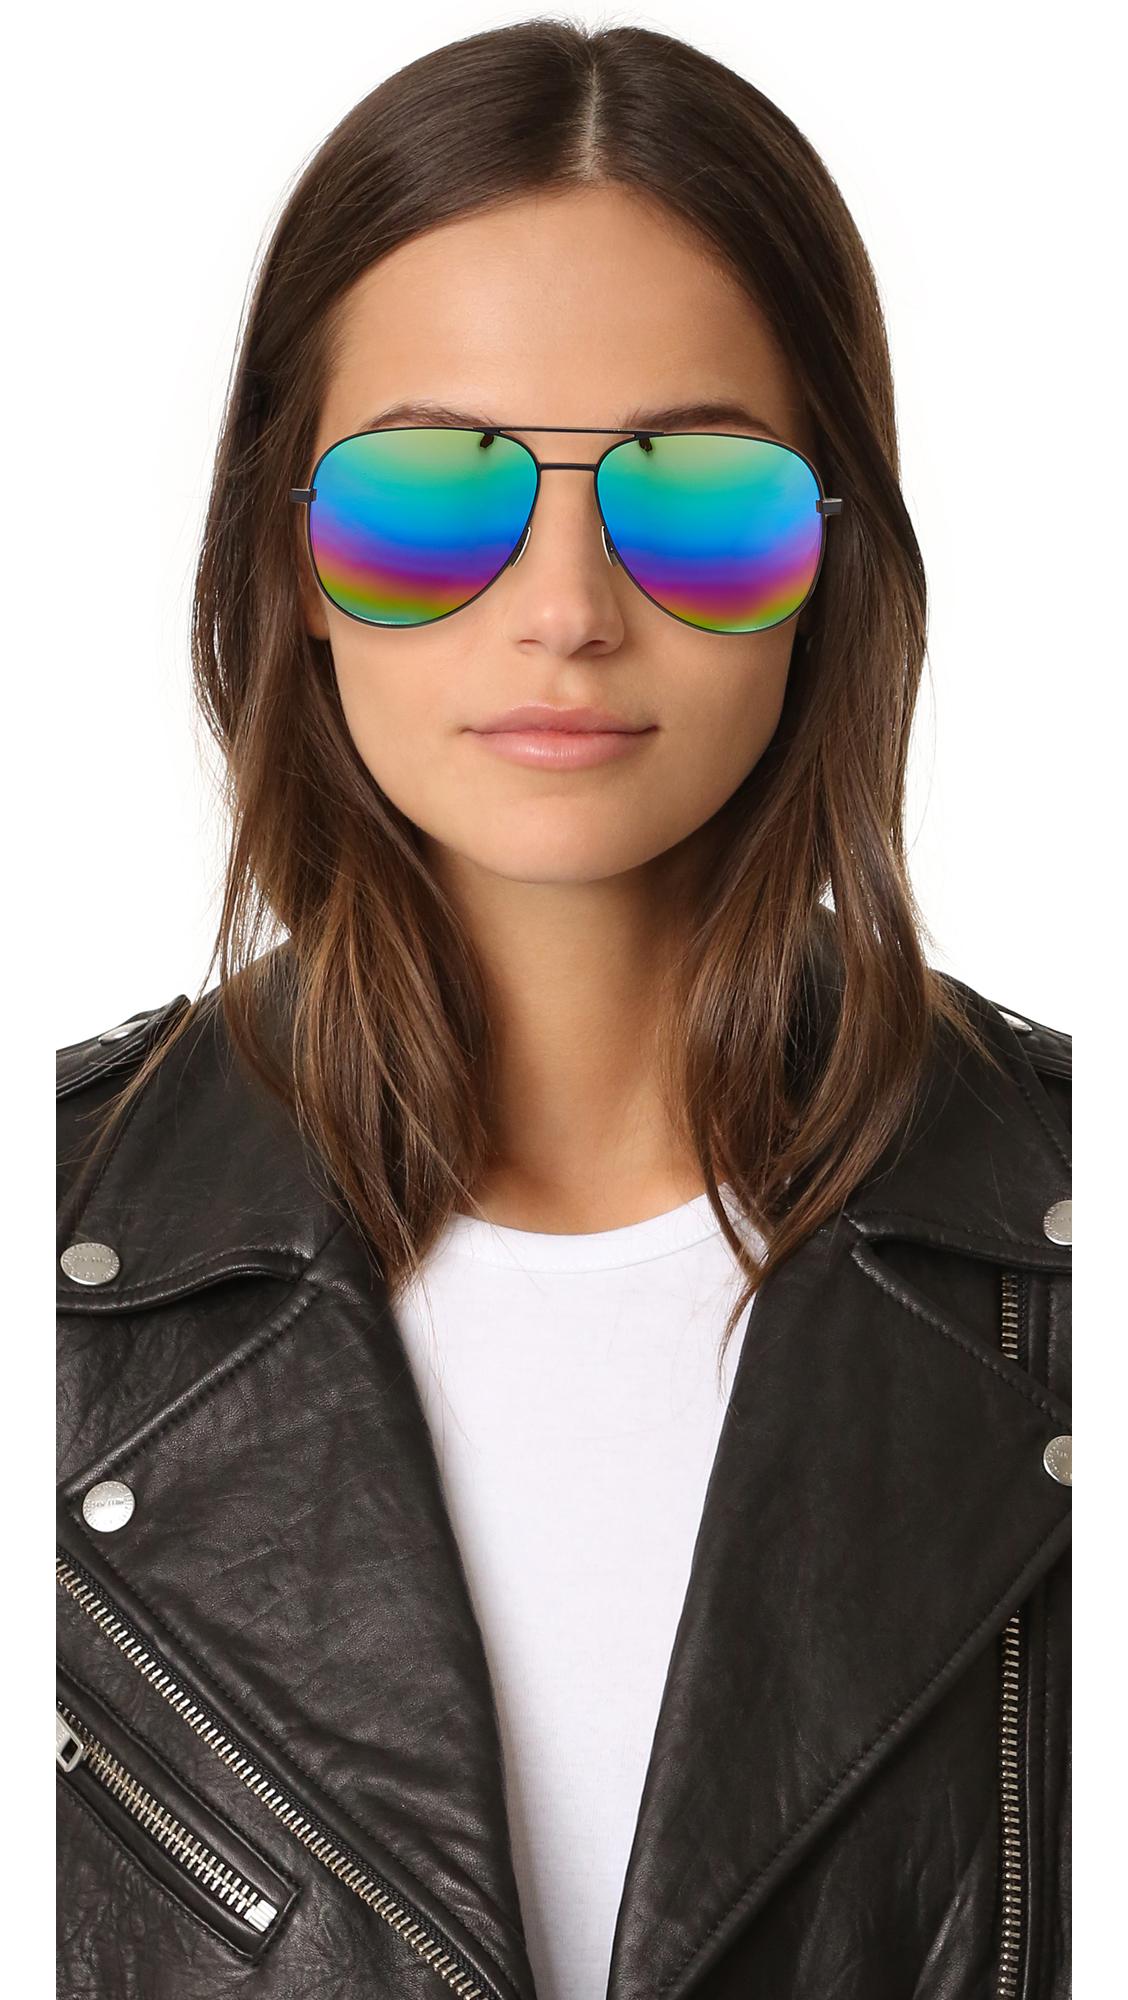 2b131abbfa8 Saint Laurent Classic 11 Rainbow Sunglasses